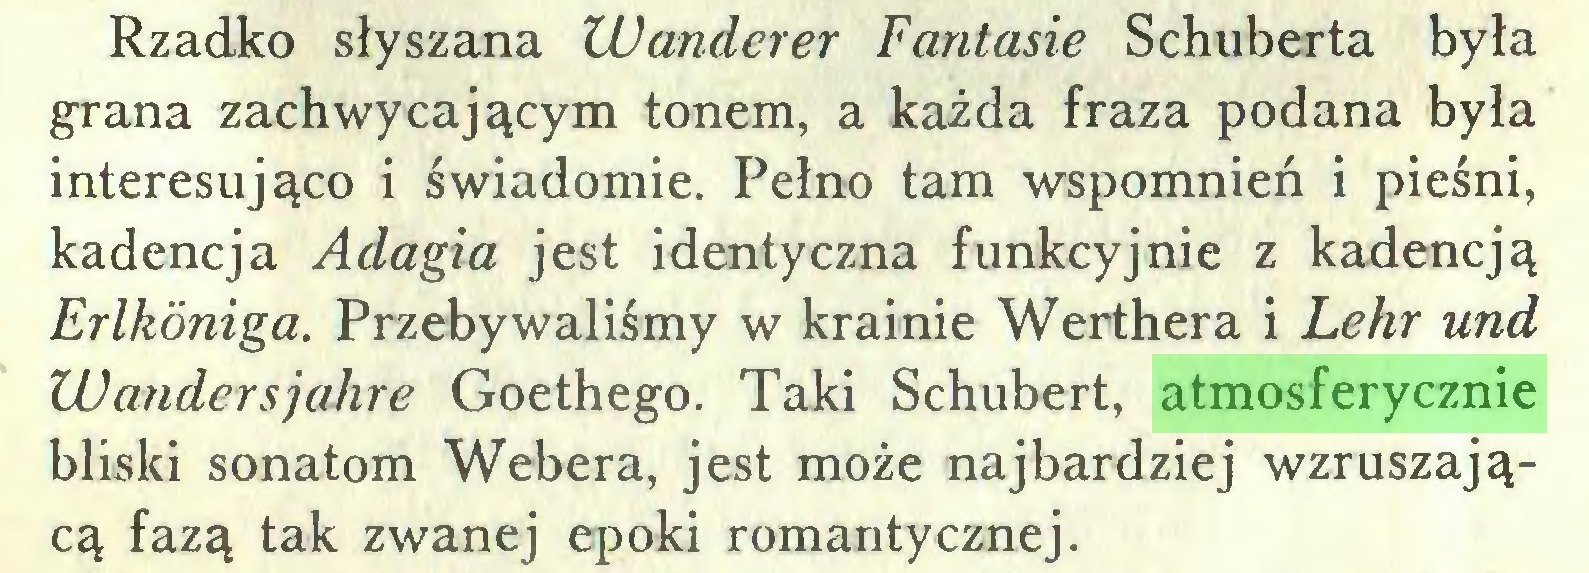 (...) Rzadko słyszana Wanderer Fantasie Schuberta była grana zachwycającym tonem, a każda fraza podana była interesująco i świadomie. Pełno tam wspomnień i pieśni, kadencja Adagia jest identyczna funkcyjnie z kadencją Erlkóniga. Przebywaliśmy w krainie Werthera i Lehr und Wandersjahre Goethego. Taki Schubert, atmosferycznie bliski sonatom Webera, jest może najbardziej wzruszającą fazą tak zwanej epoki romantycznej...